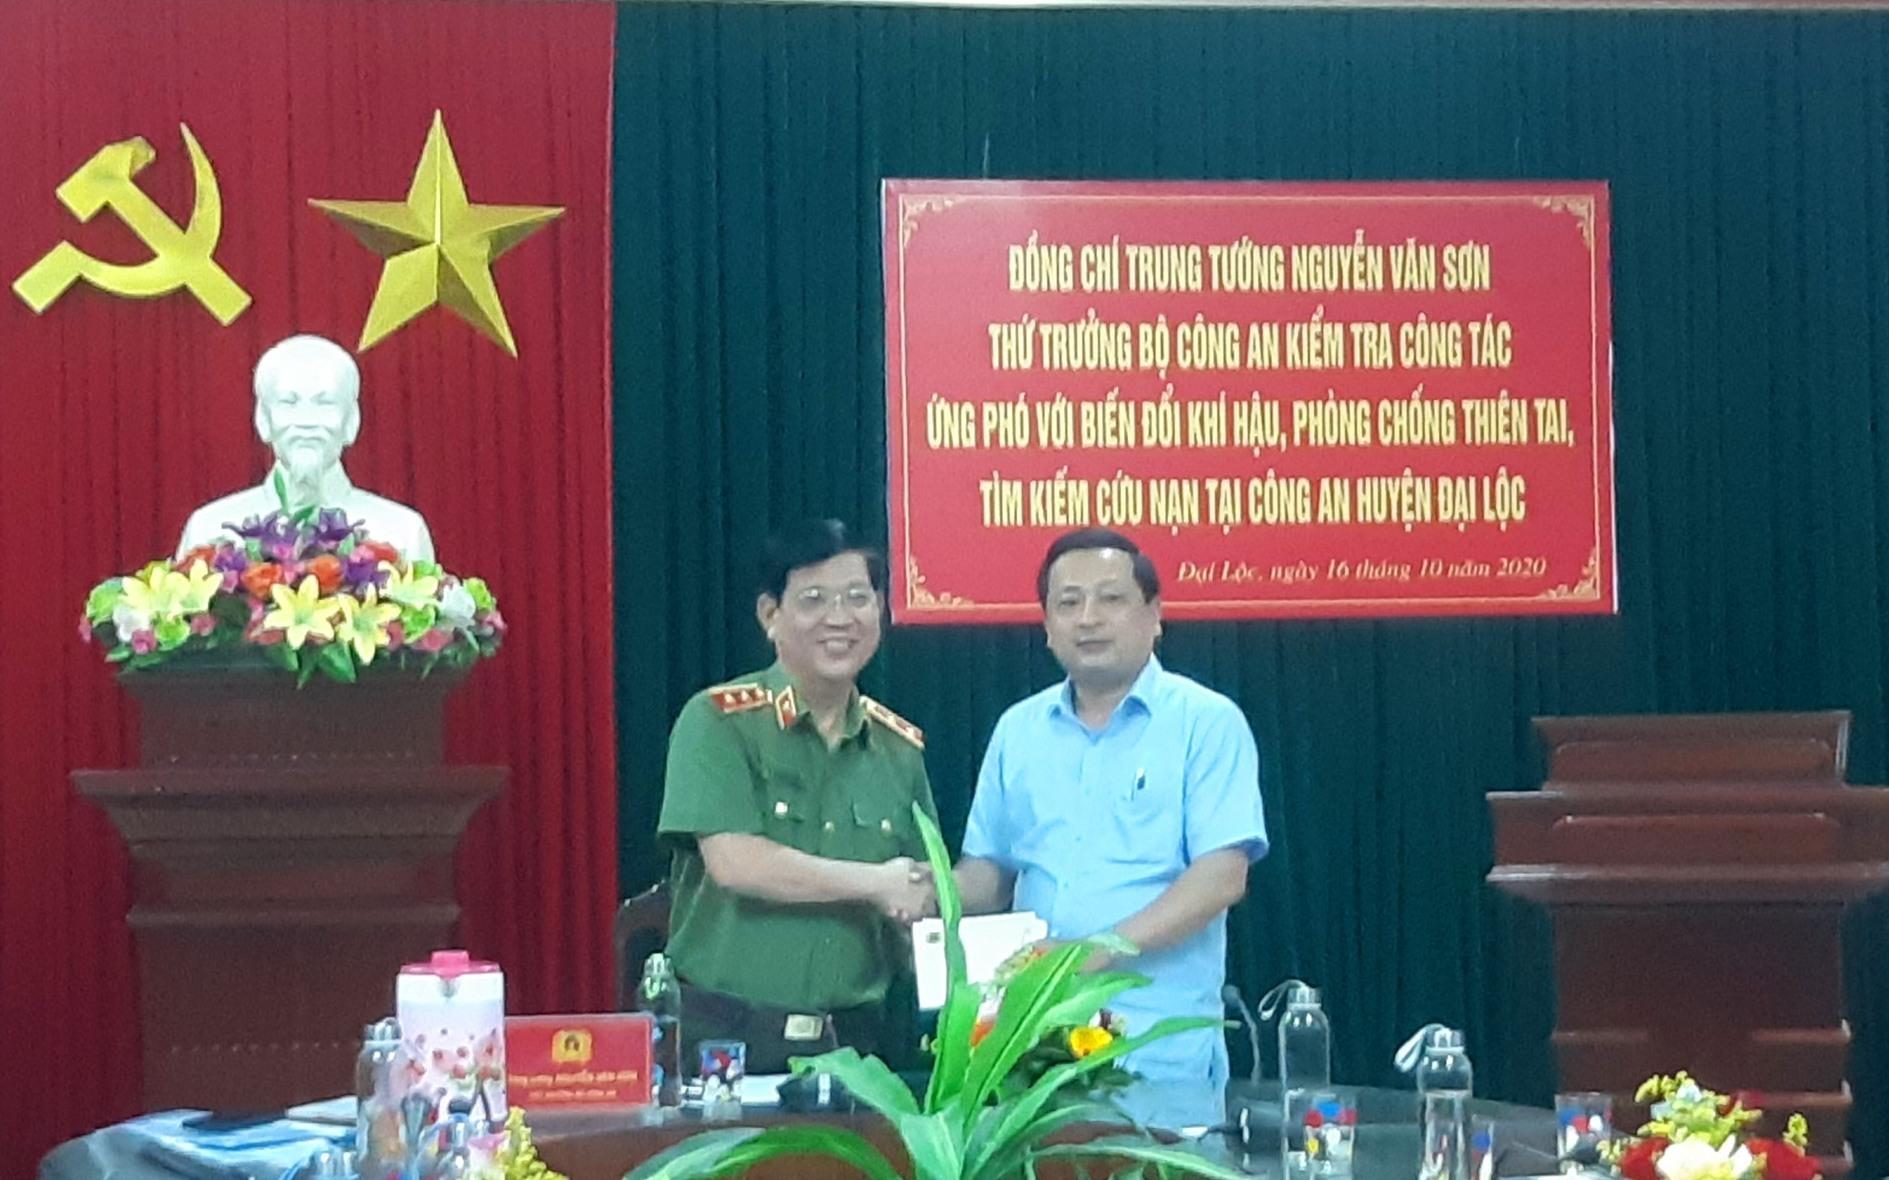 Thông qua ông Nguyễn Hảo - Phó Bí thư Thường trực Huyện ủy Đại Lộc, đoàn đã hỗ trợ 5 hộ dân bị sạt lở núi xã Đại Lãnh mỗi hộ 5 triệu đồng. Ảnh: BÍCH LIÊN